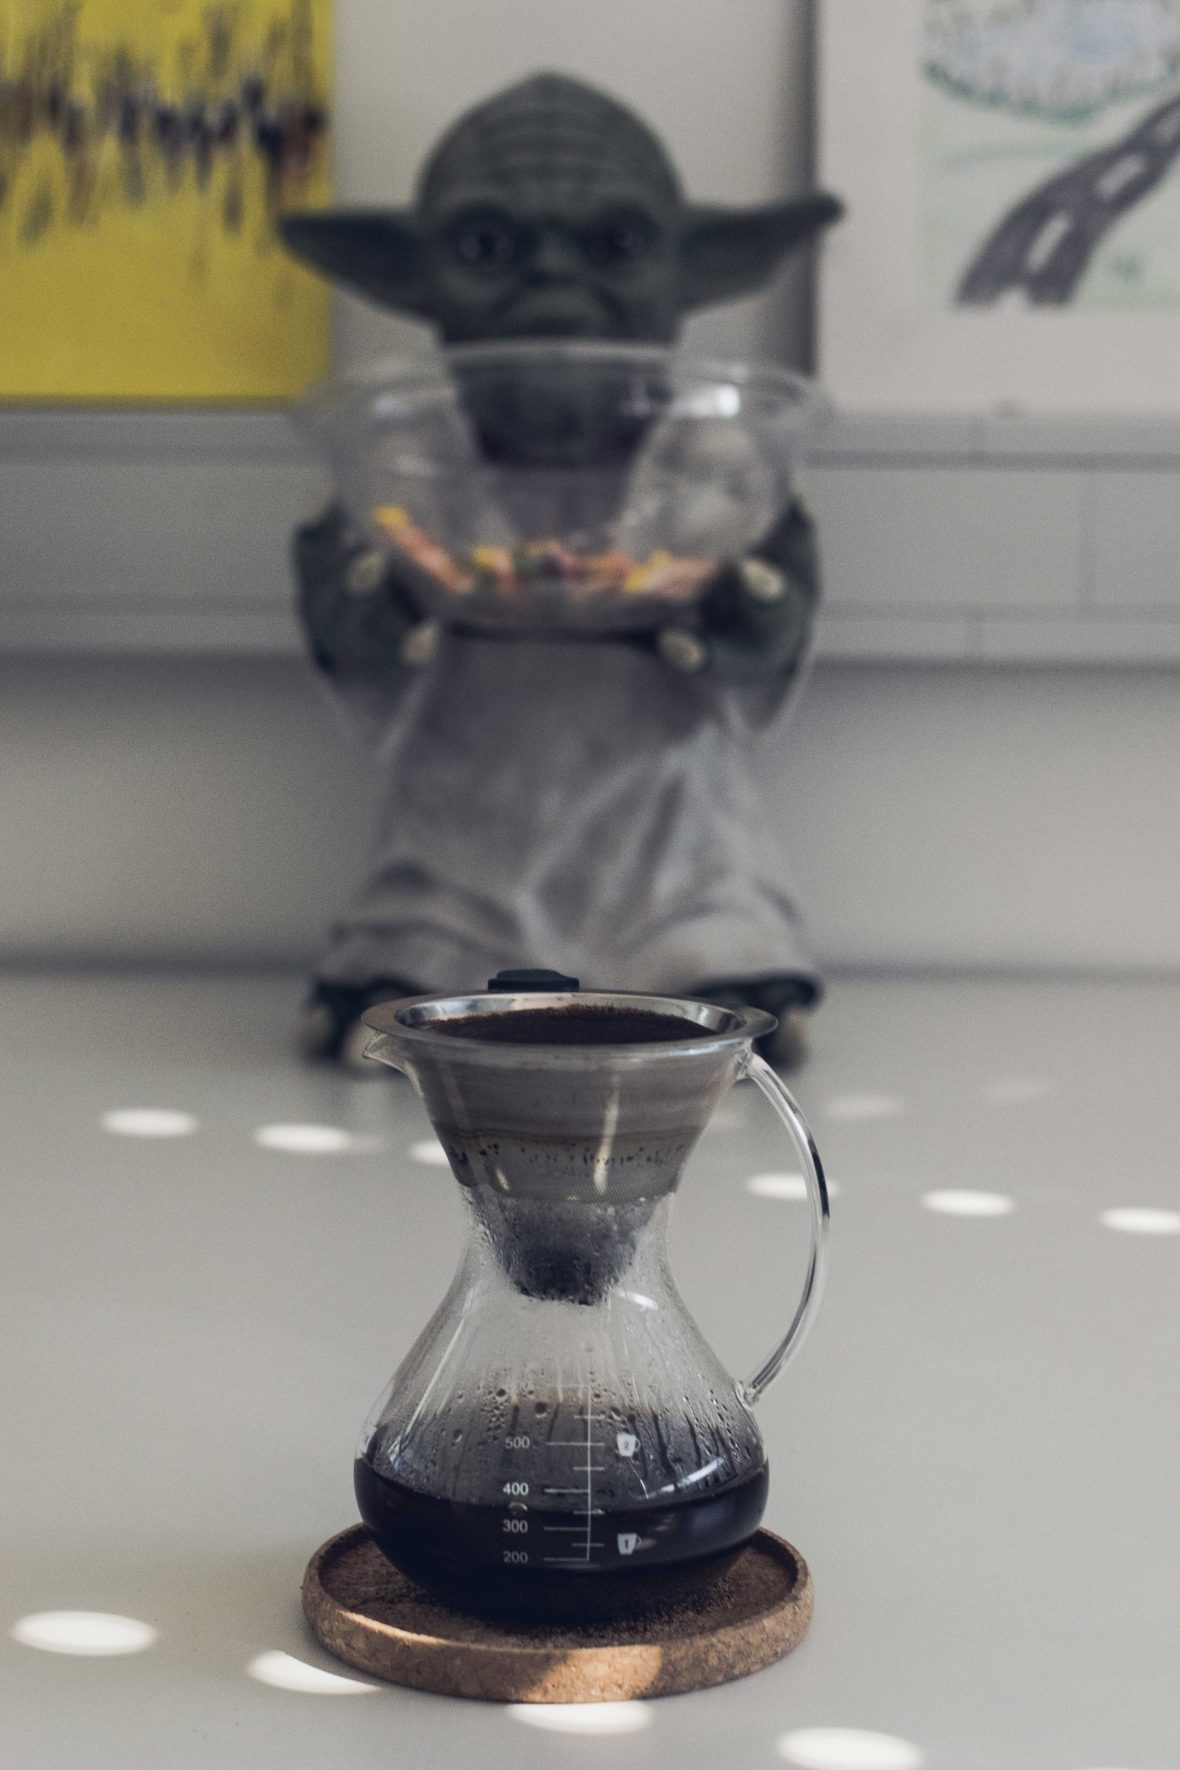 Nachhaltiger Kaffeegenuss mit Pour Over Kaffee